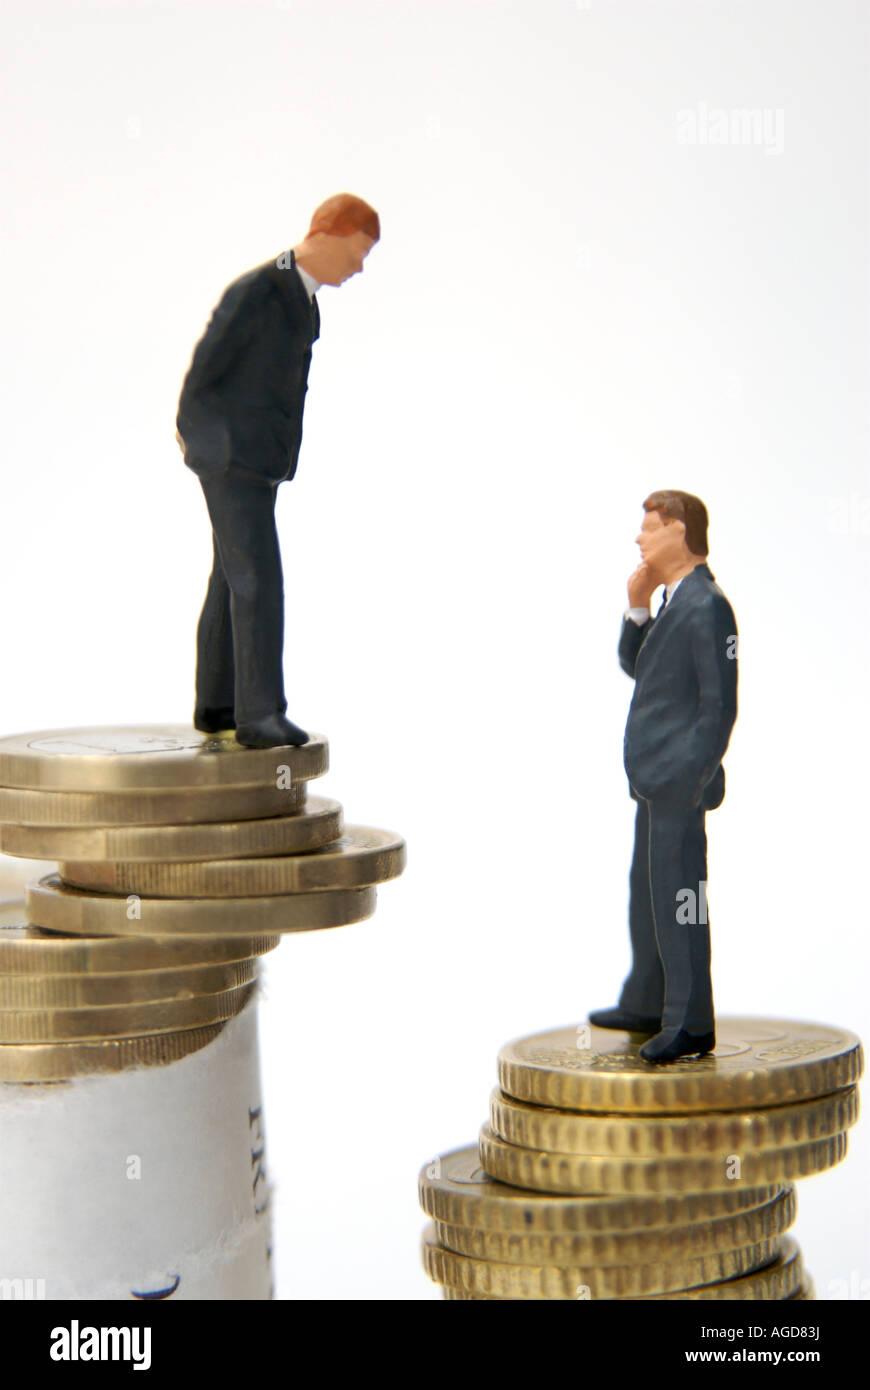 Negocios / banca / préstamos / finanzas / asumir / concepto de inversión - dos figuras de pie en los montones Imagen De Stock